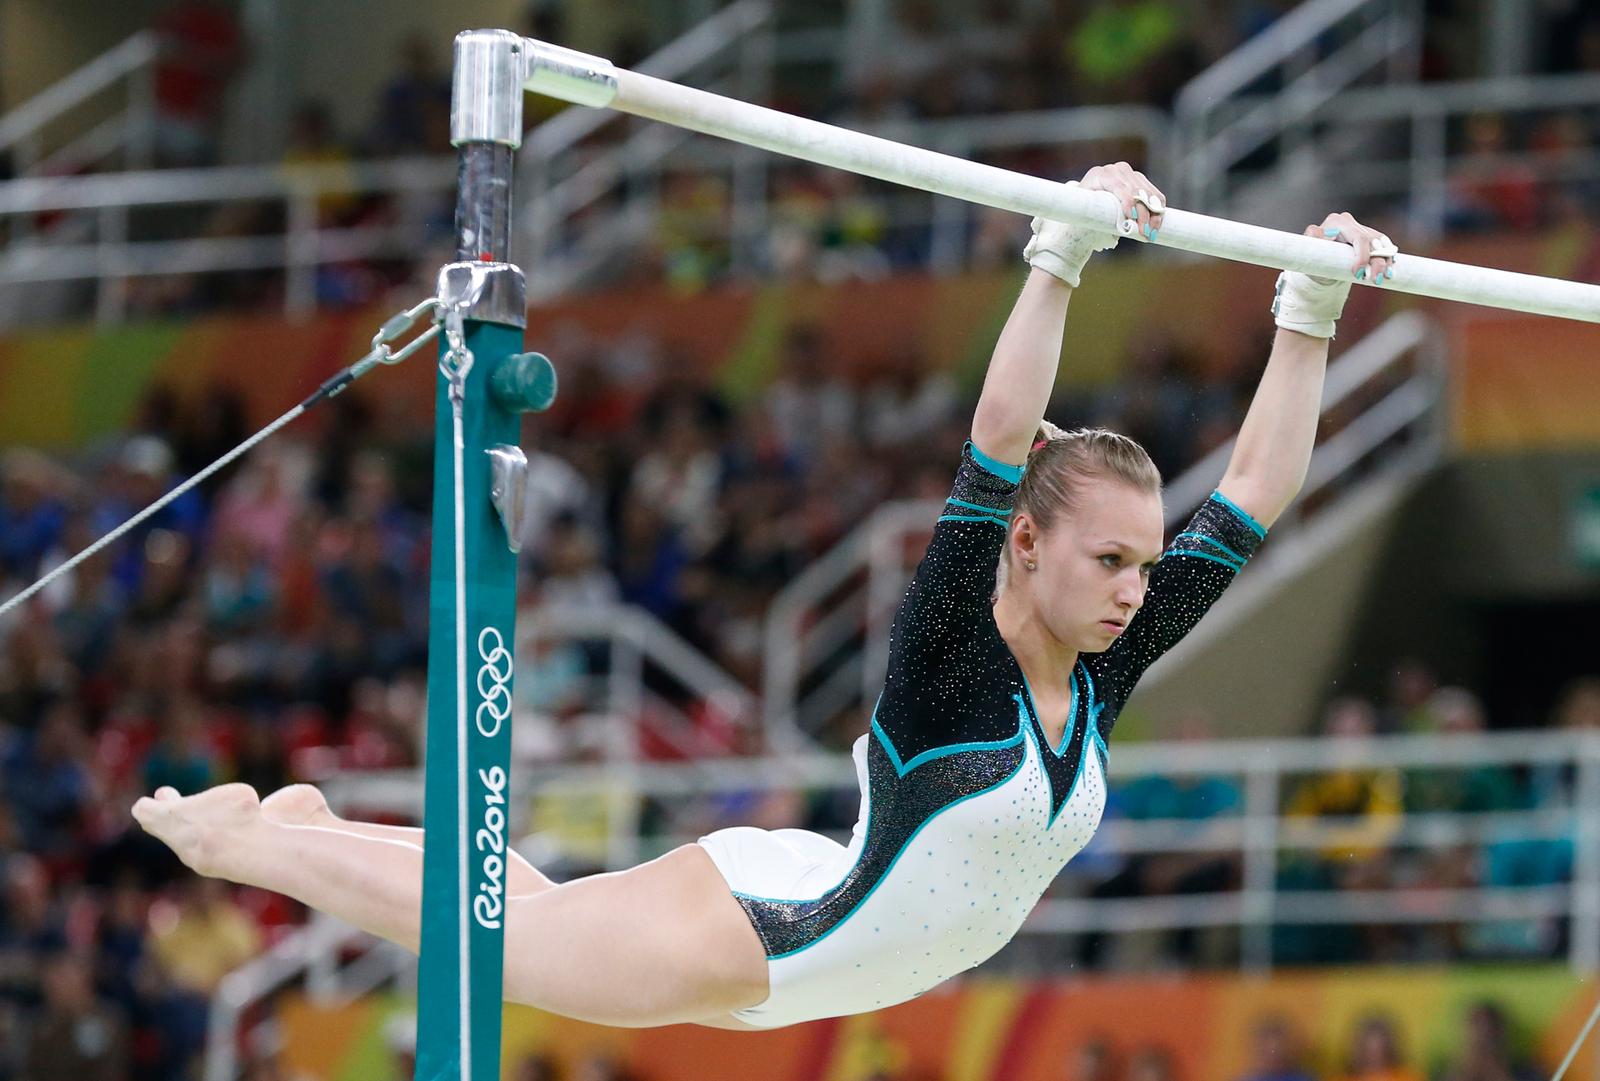 Российская гимнастка Дарья Спиридова допустила ошибку в упражнения на брусьях, стоившую ей медали